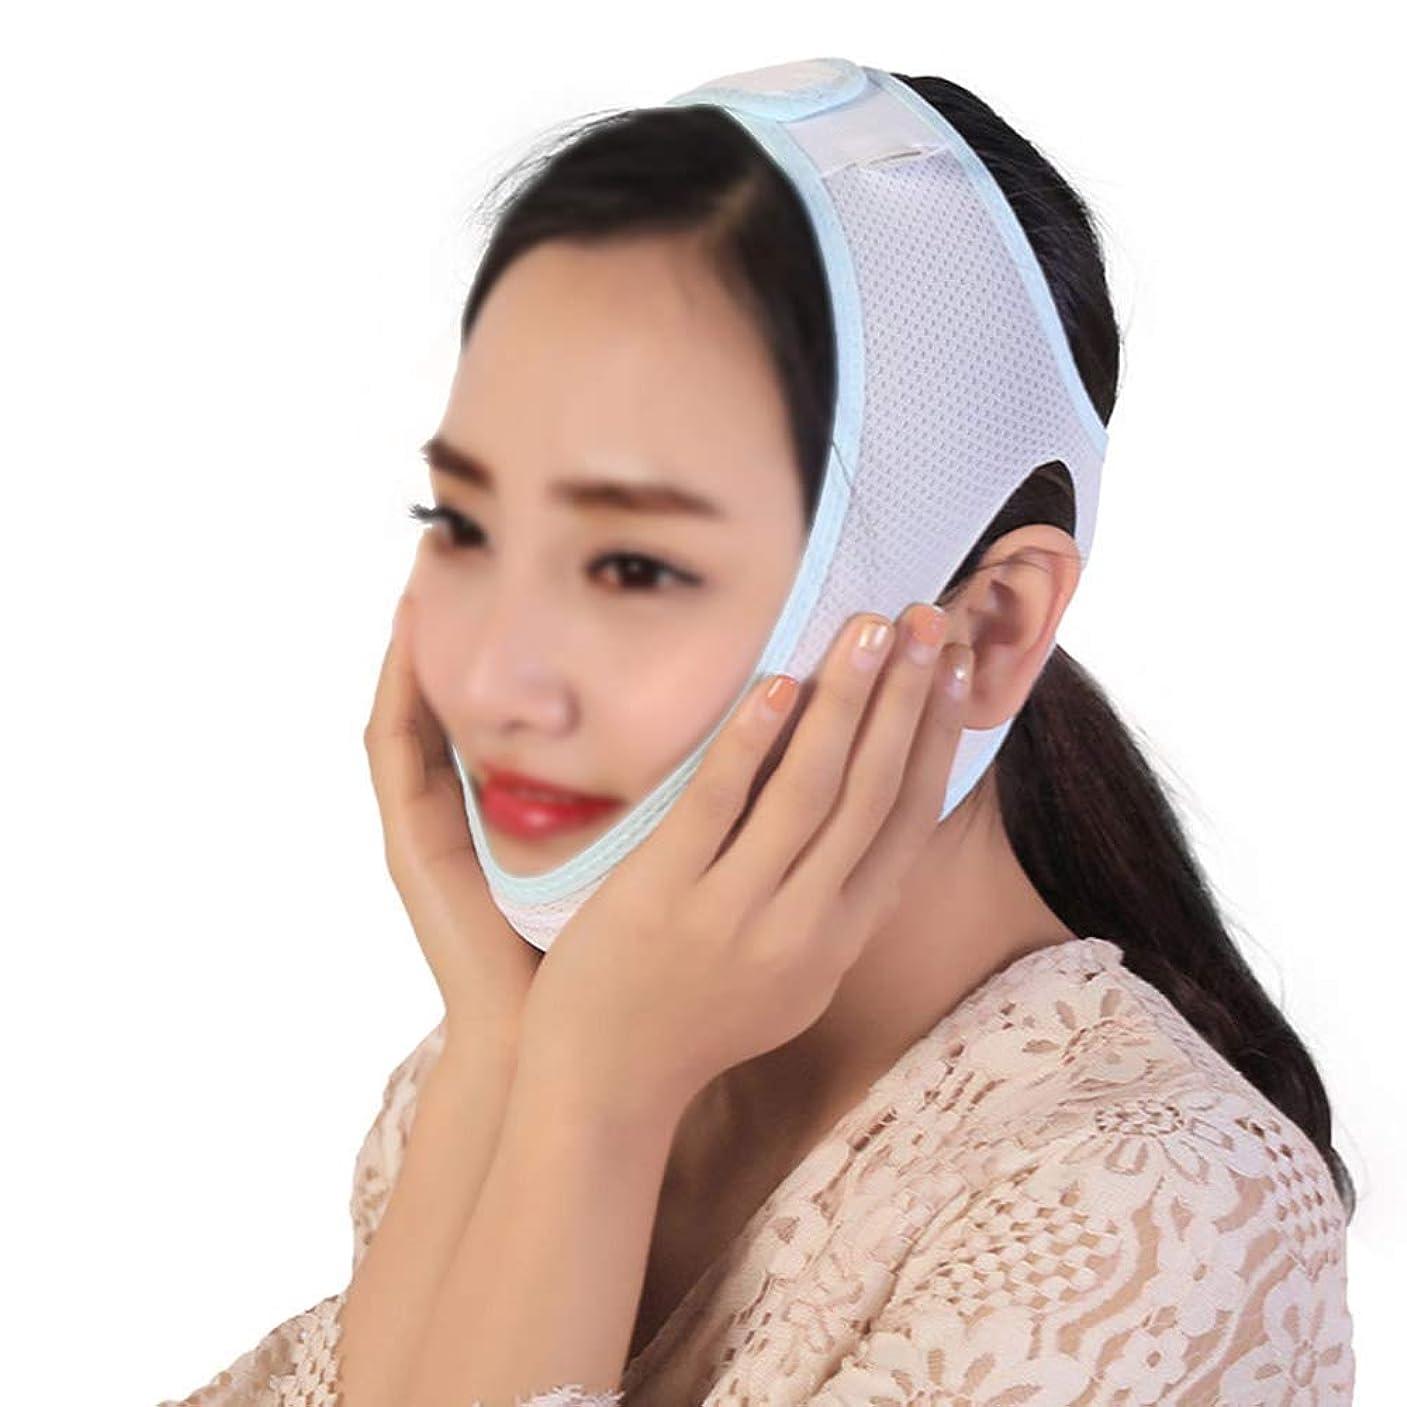 シュガー通信する毎回ファーミングフェイスマスク、スモールVフェイスアーティファクトリフティングフェイスプラスチックフェイスマスクコンフォートアップグレード最適化フェイスカーブの向上包括的な通気性のある包帯(サイズ:L)